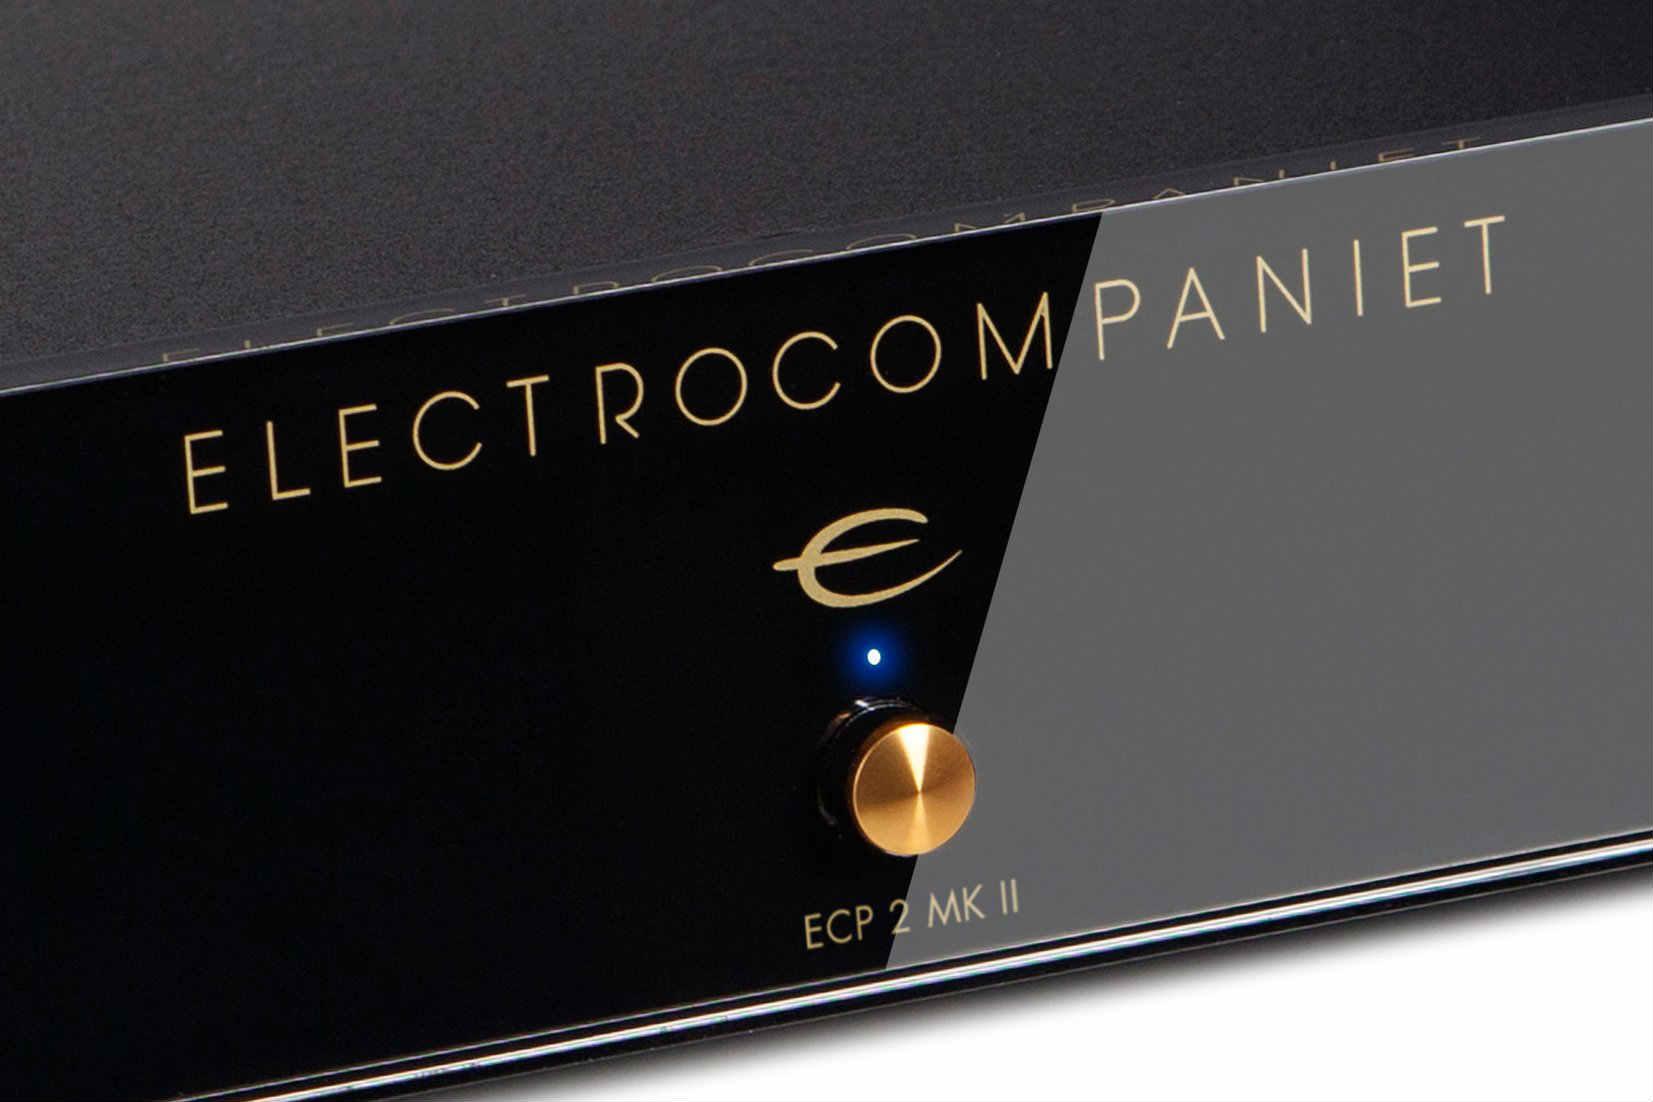 Electrocompaniet Introduceert de ECP 2 MK II phono voorversterker